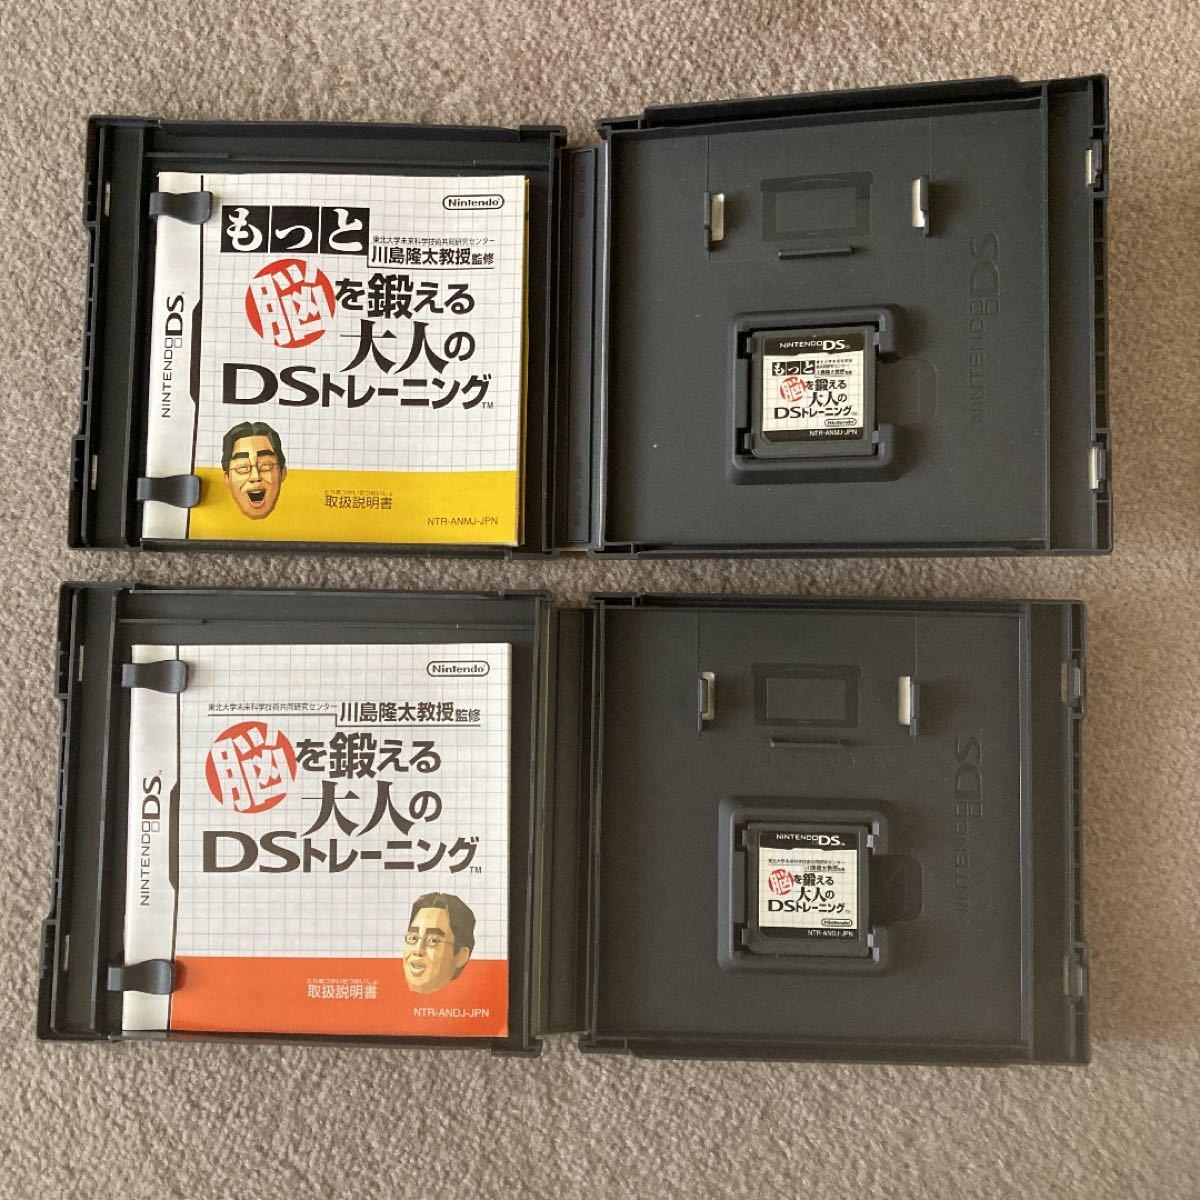 任天堂 DS Lite ニンテンドー 脳トレ どうぶつの森など 人気ソフト 4本 本体カバー セット